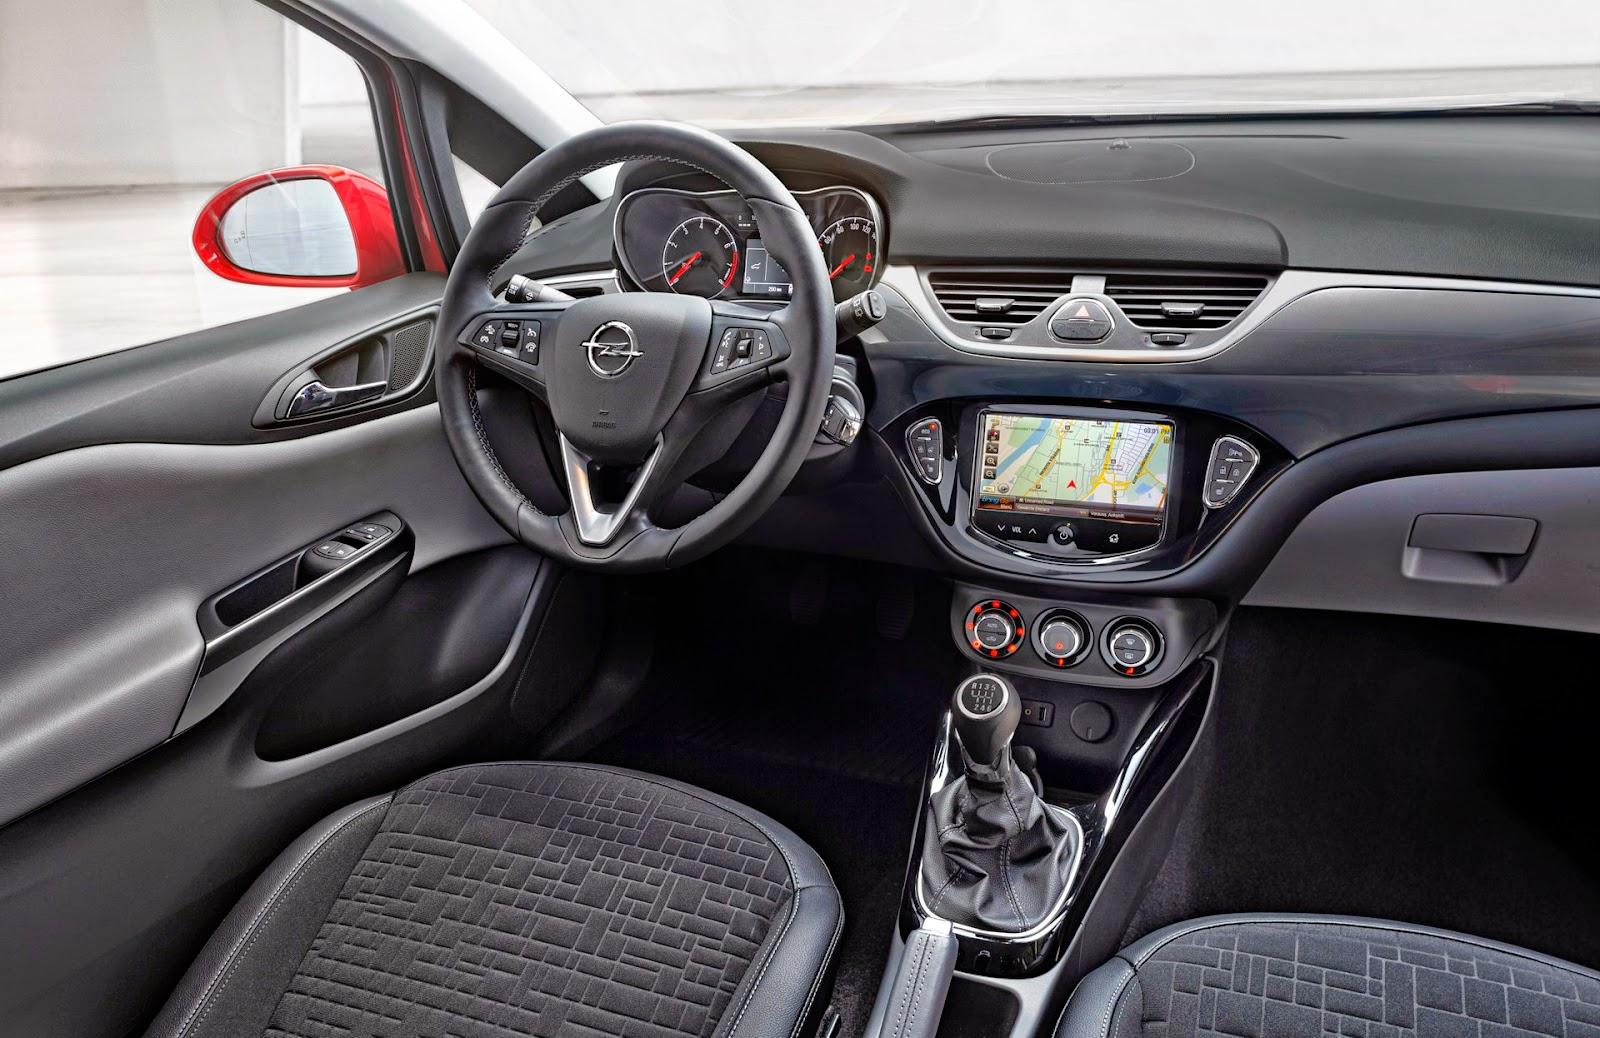 Opel Corsa 2015 interni